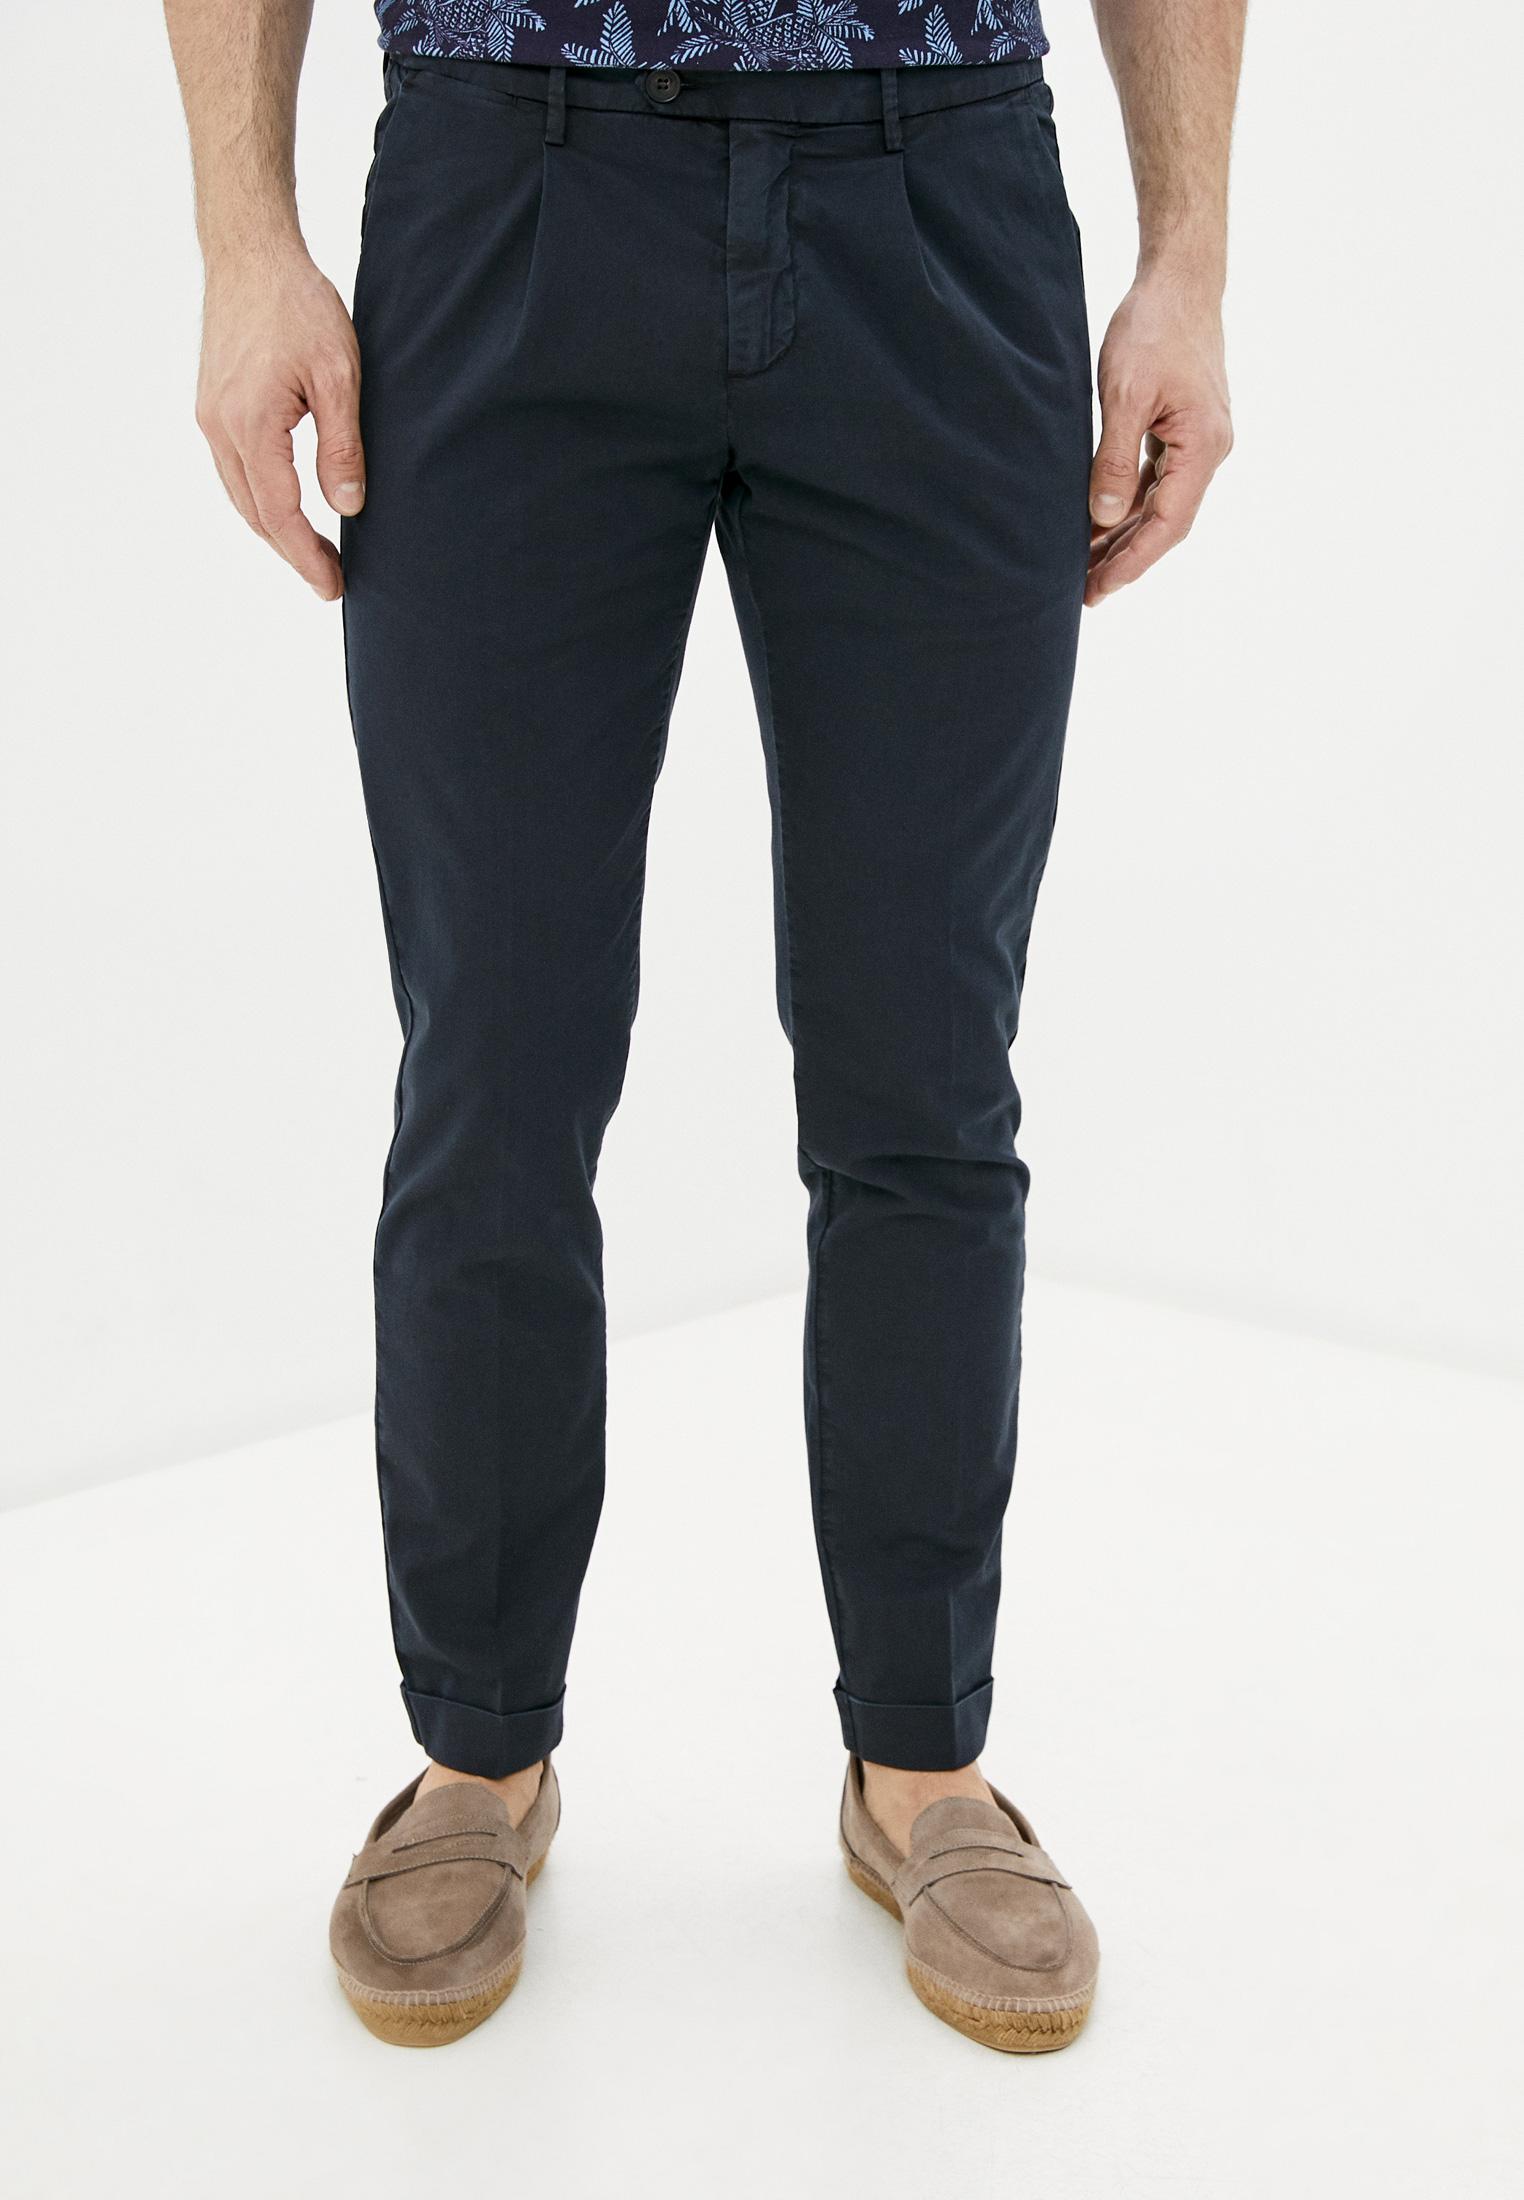 Мужские брюки Seventy pt002580